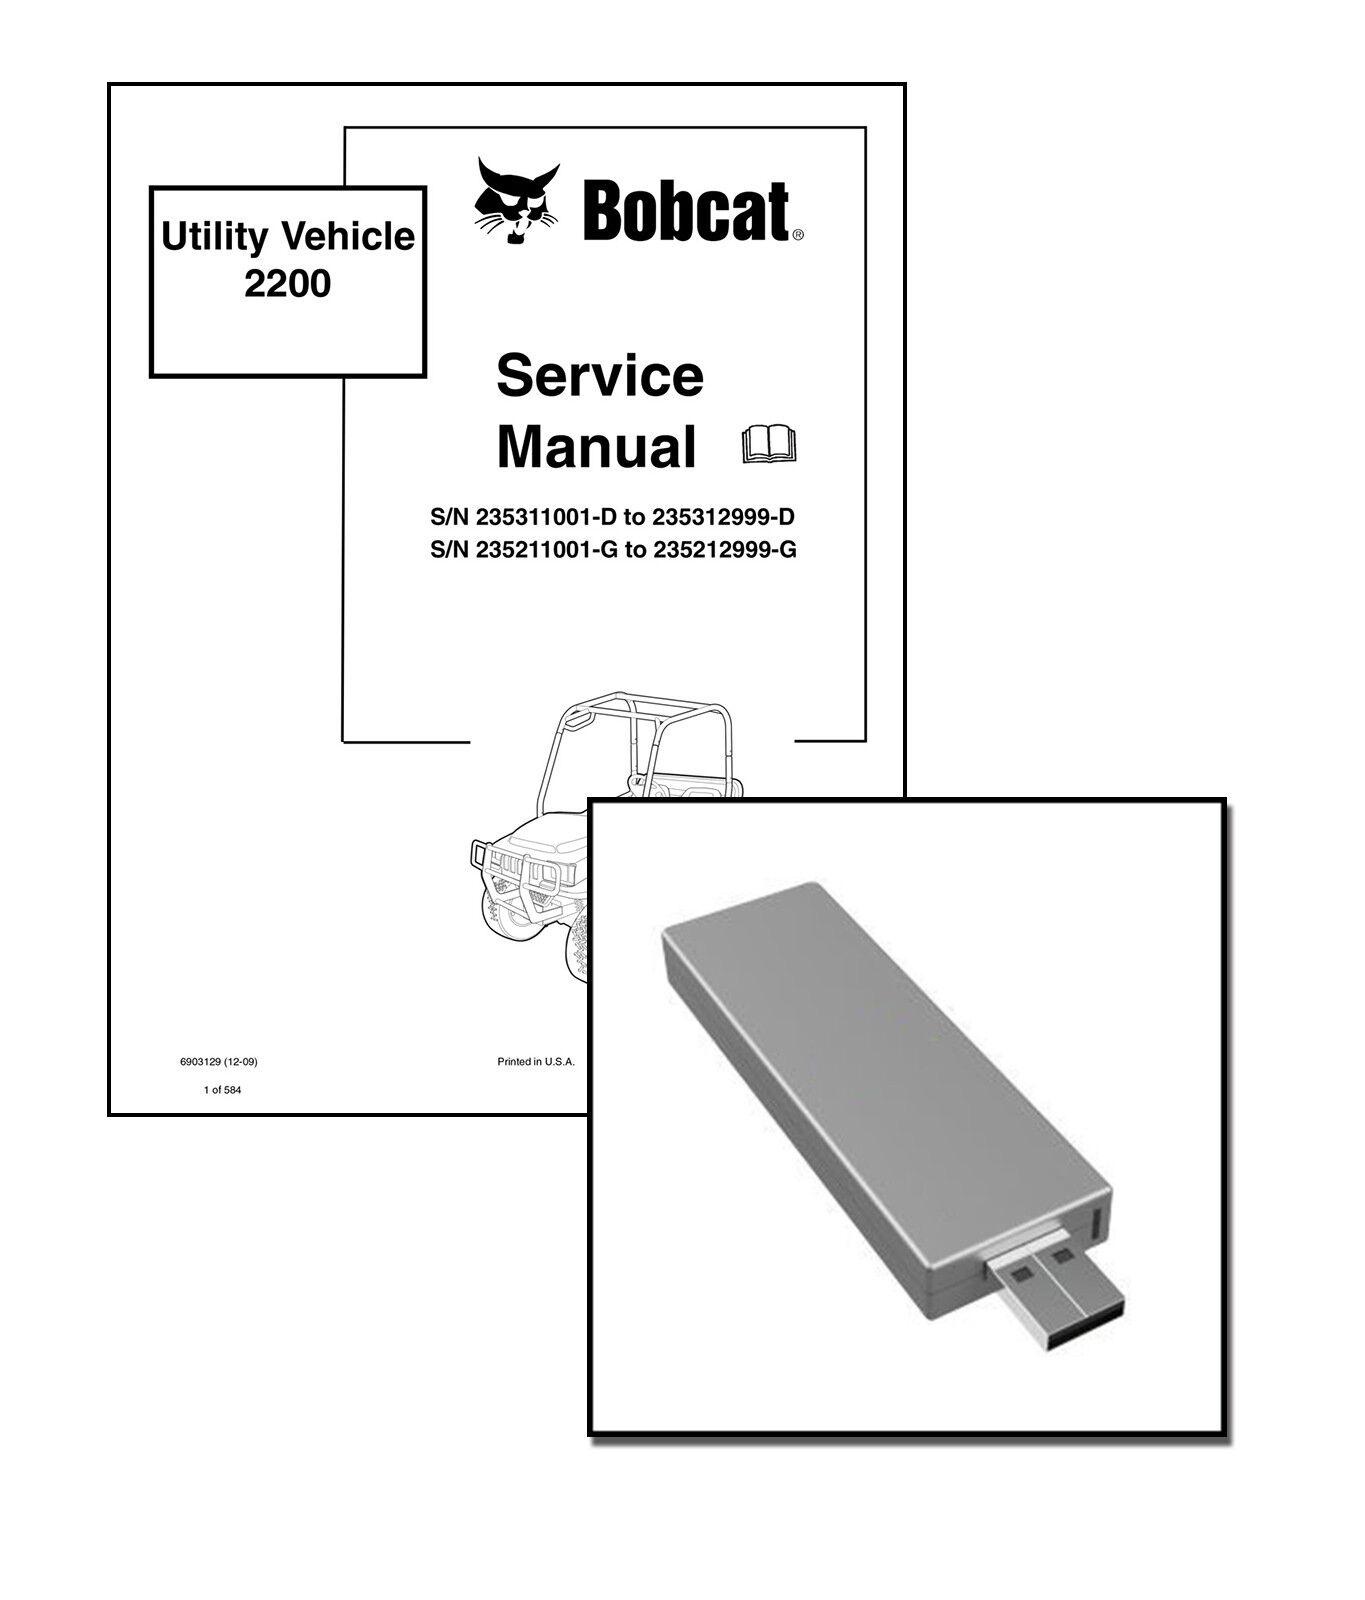 bobcat 2200 parts diagram